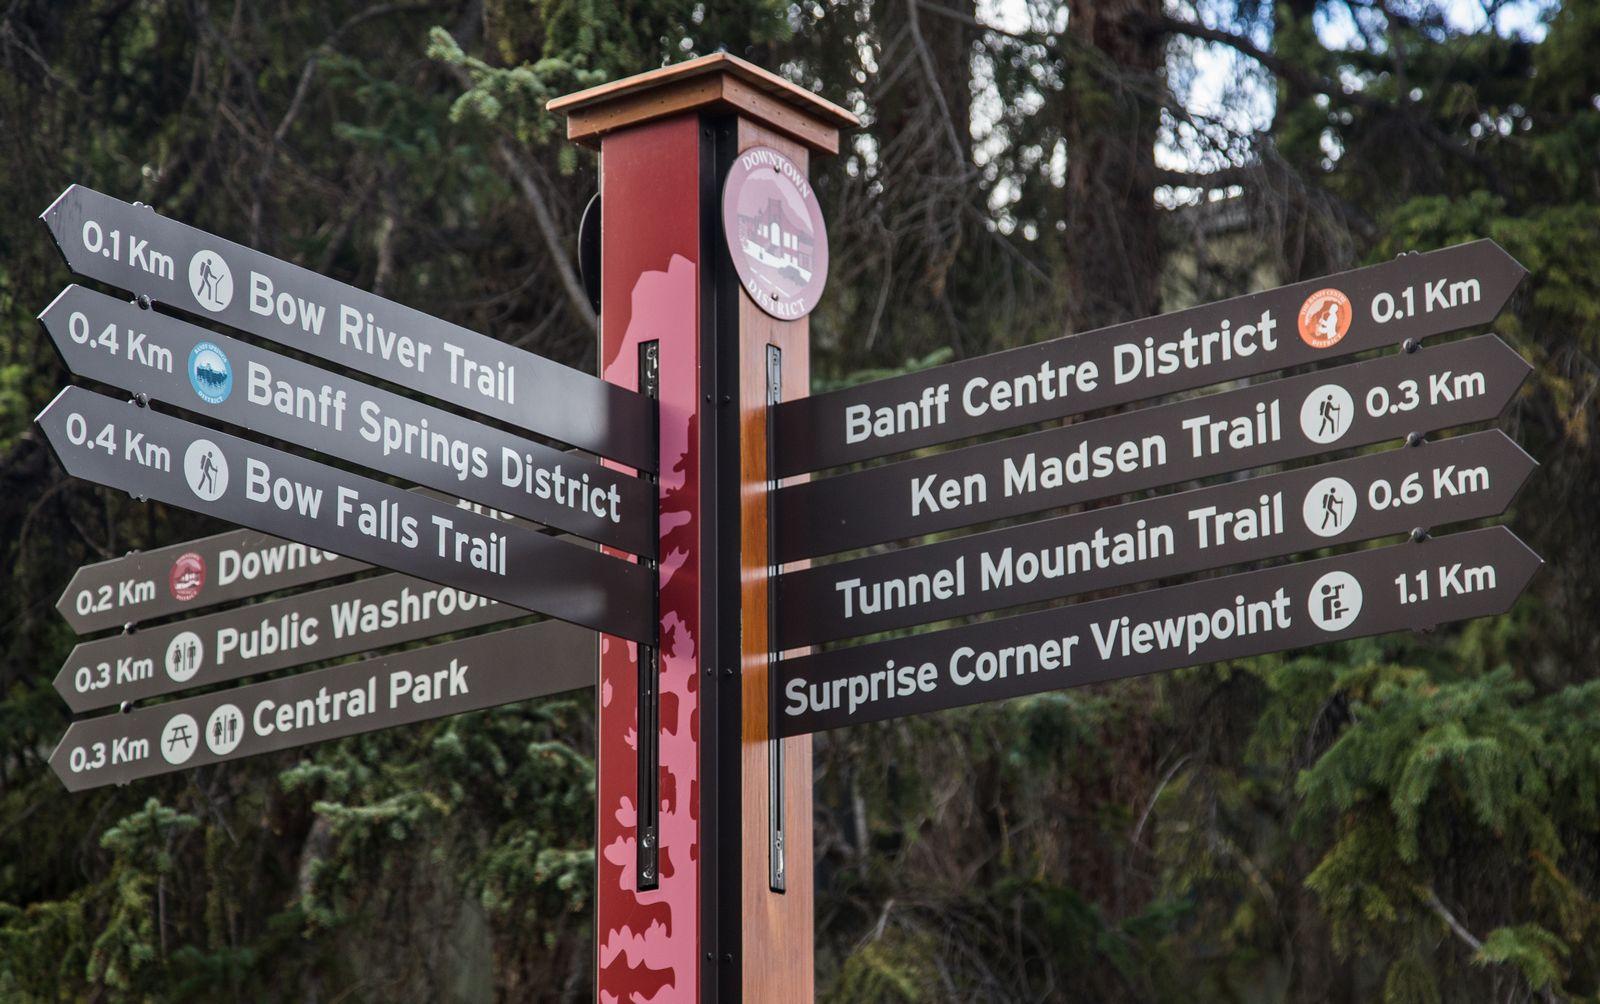 Sí, parece que hay cosas que hacer en Banff